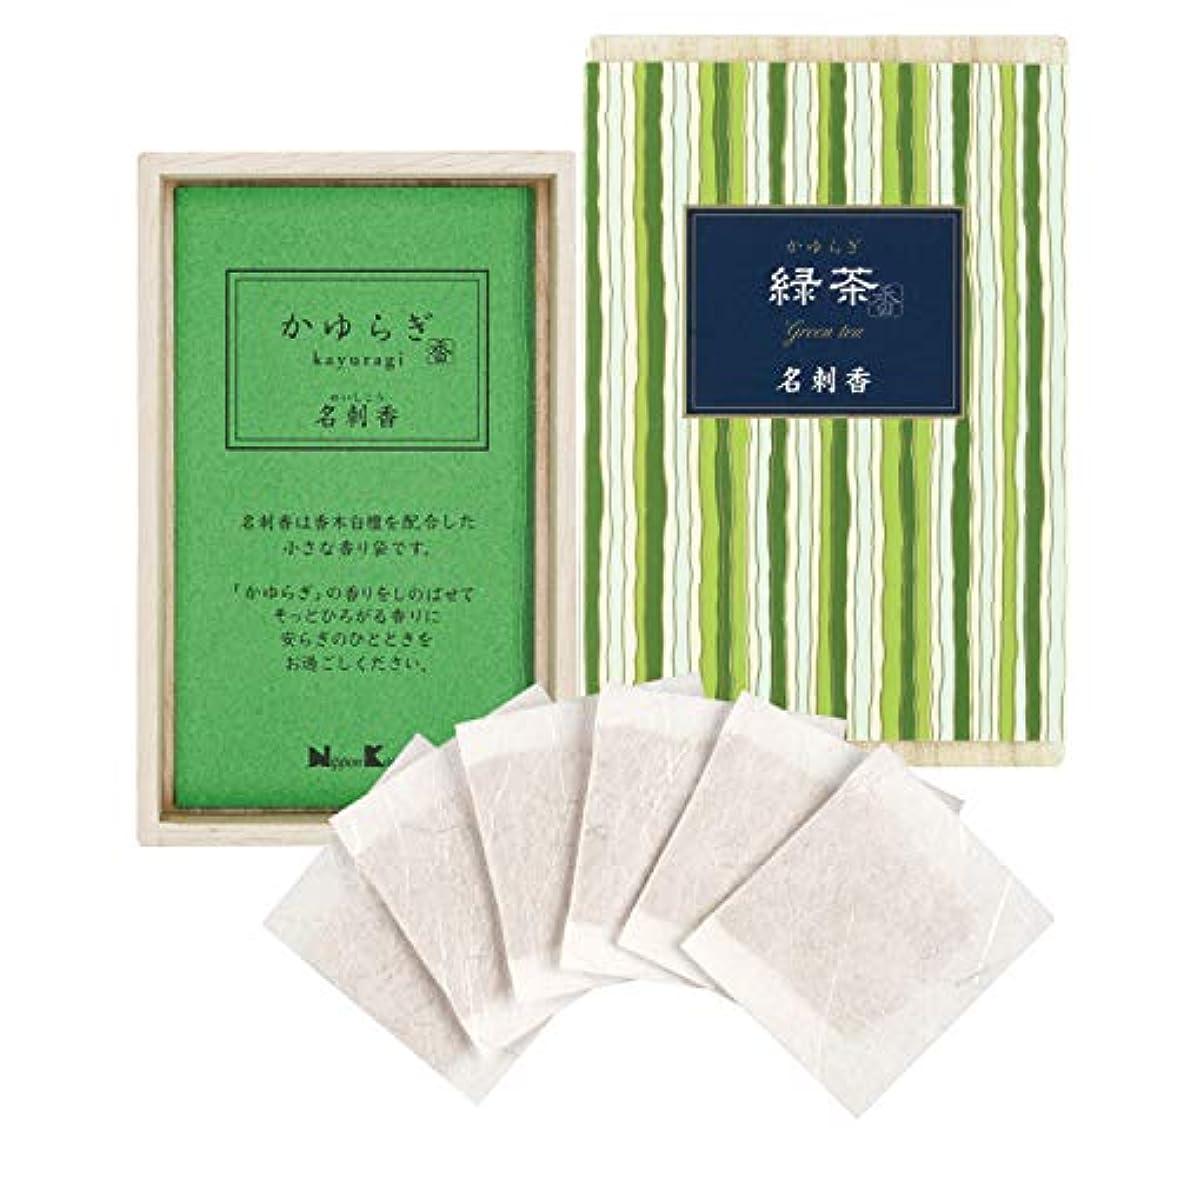 篭国コピーかゆらぎ 緑茶 名刺香 桐箱 6入